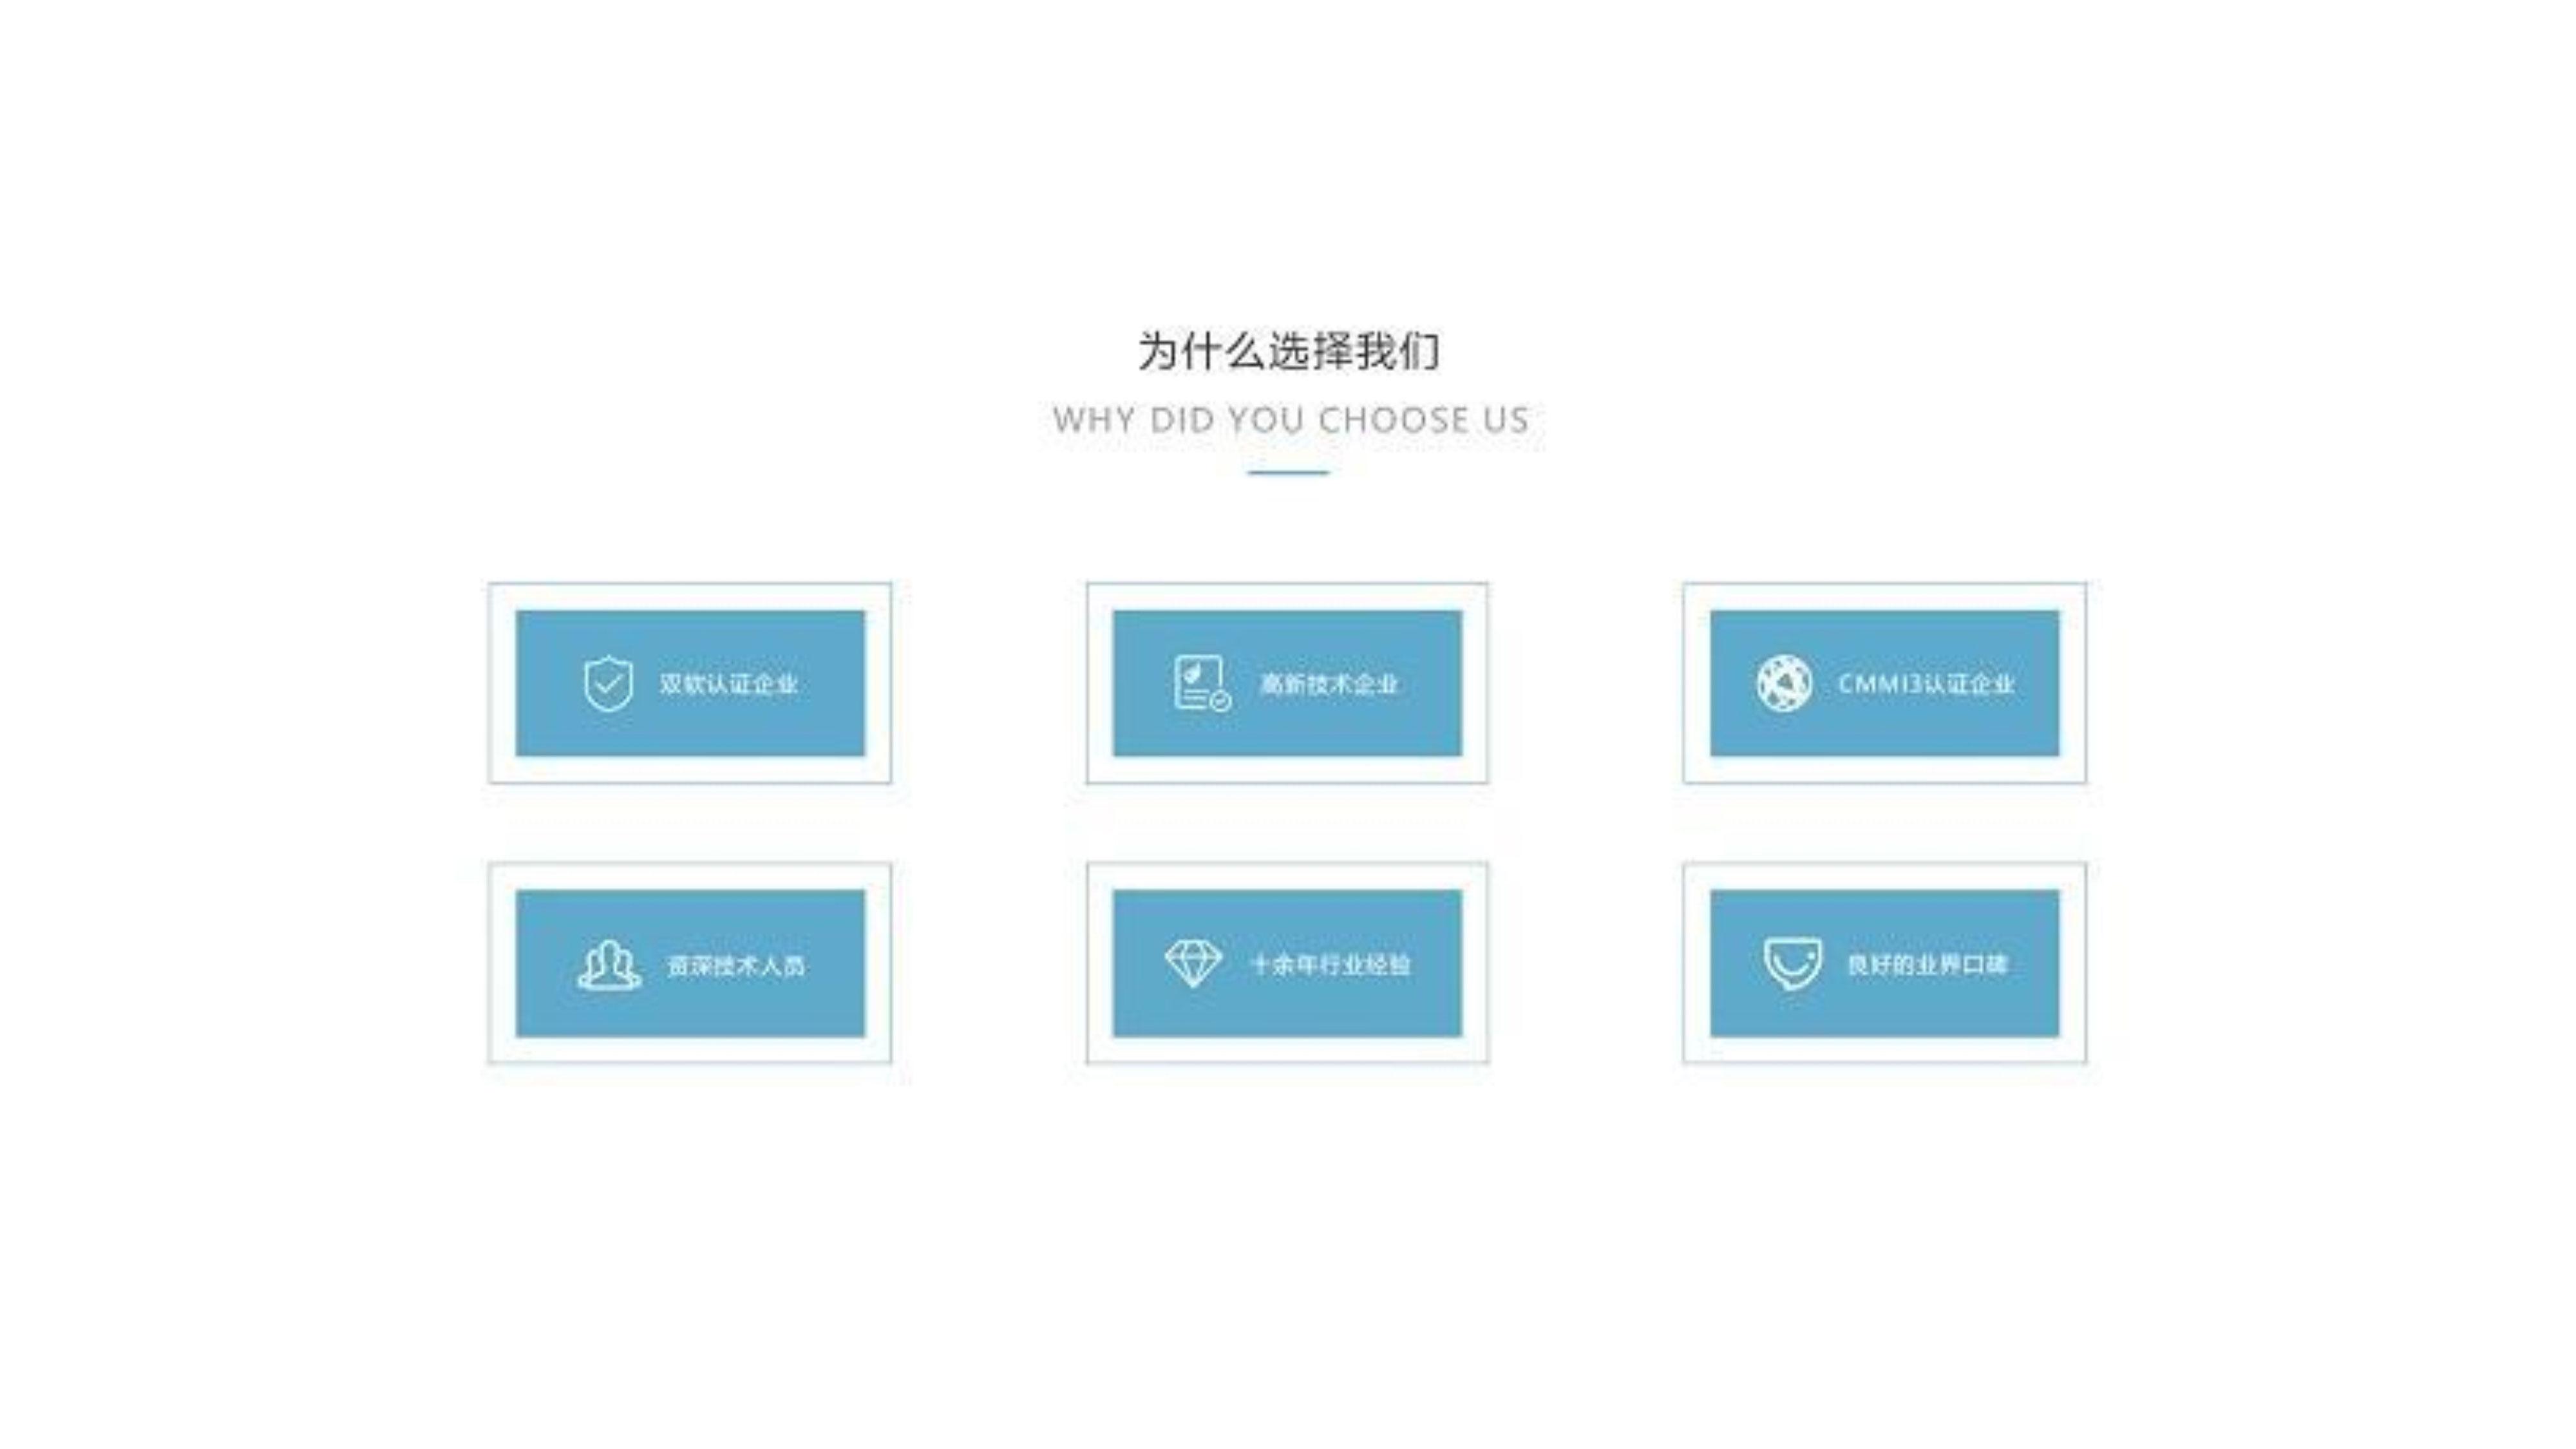 013010545727_0伙伴协同办公平台(1)_15.jpg